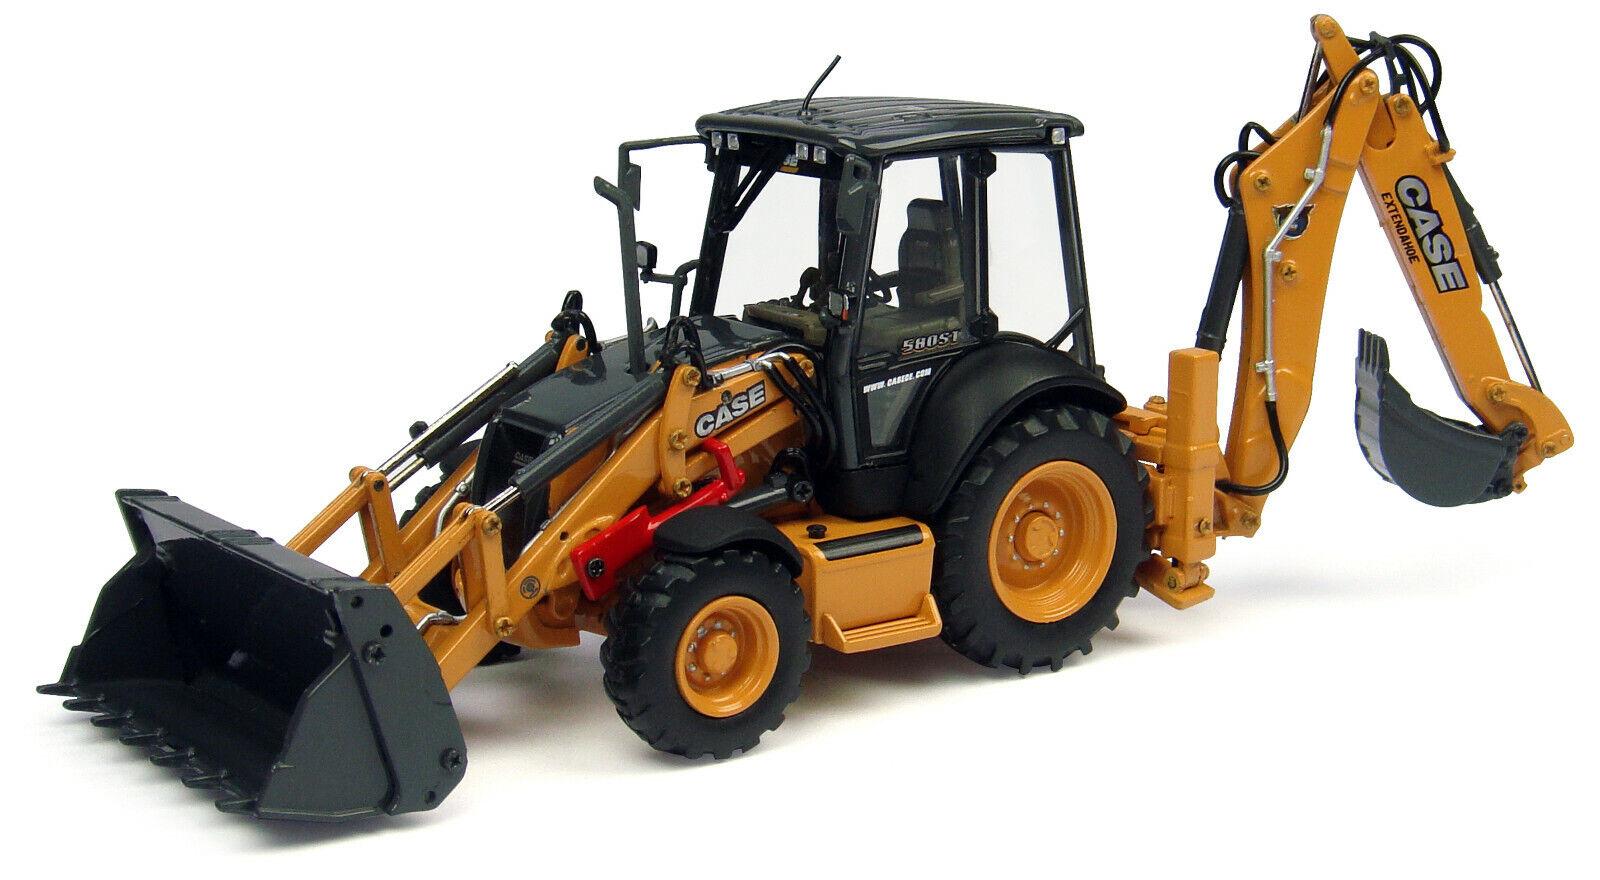 AFFAIRE 580ST chargeuse-pelleteuse 1 50 diecast modèle par Universal Hobbies  UH8079  jusqu'à 34% de réduction sur tous les produits